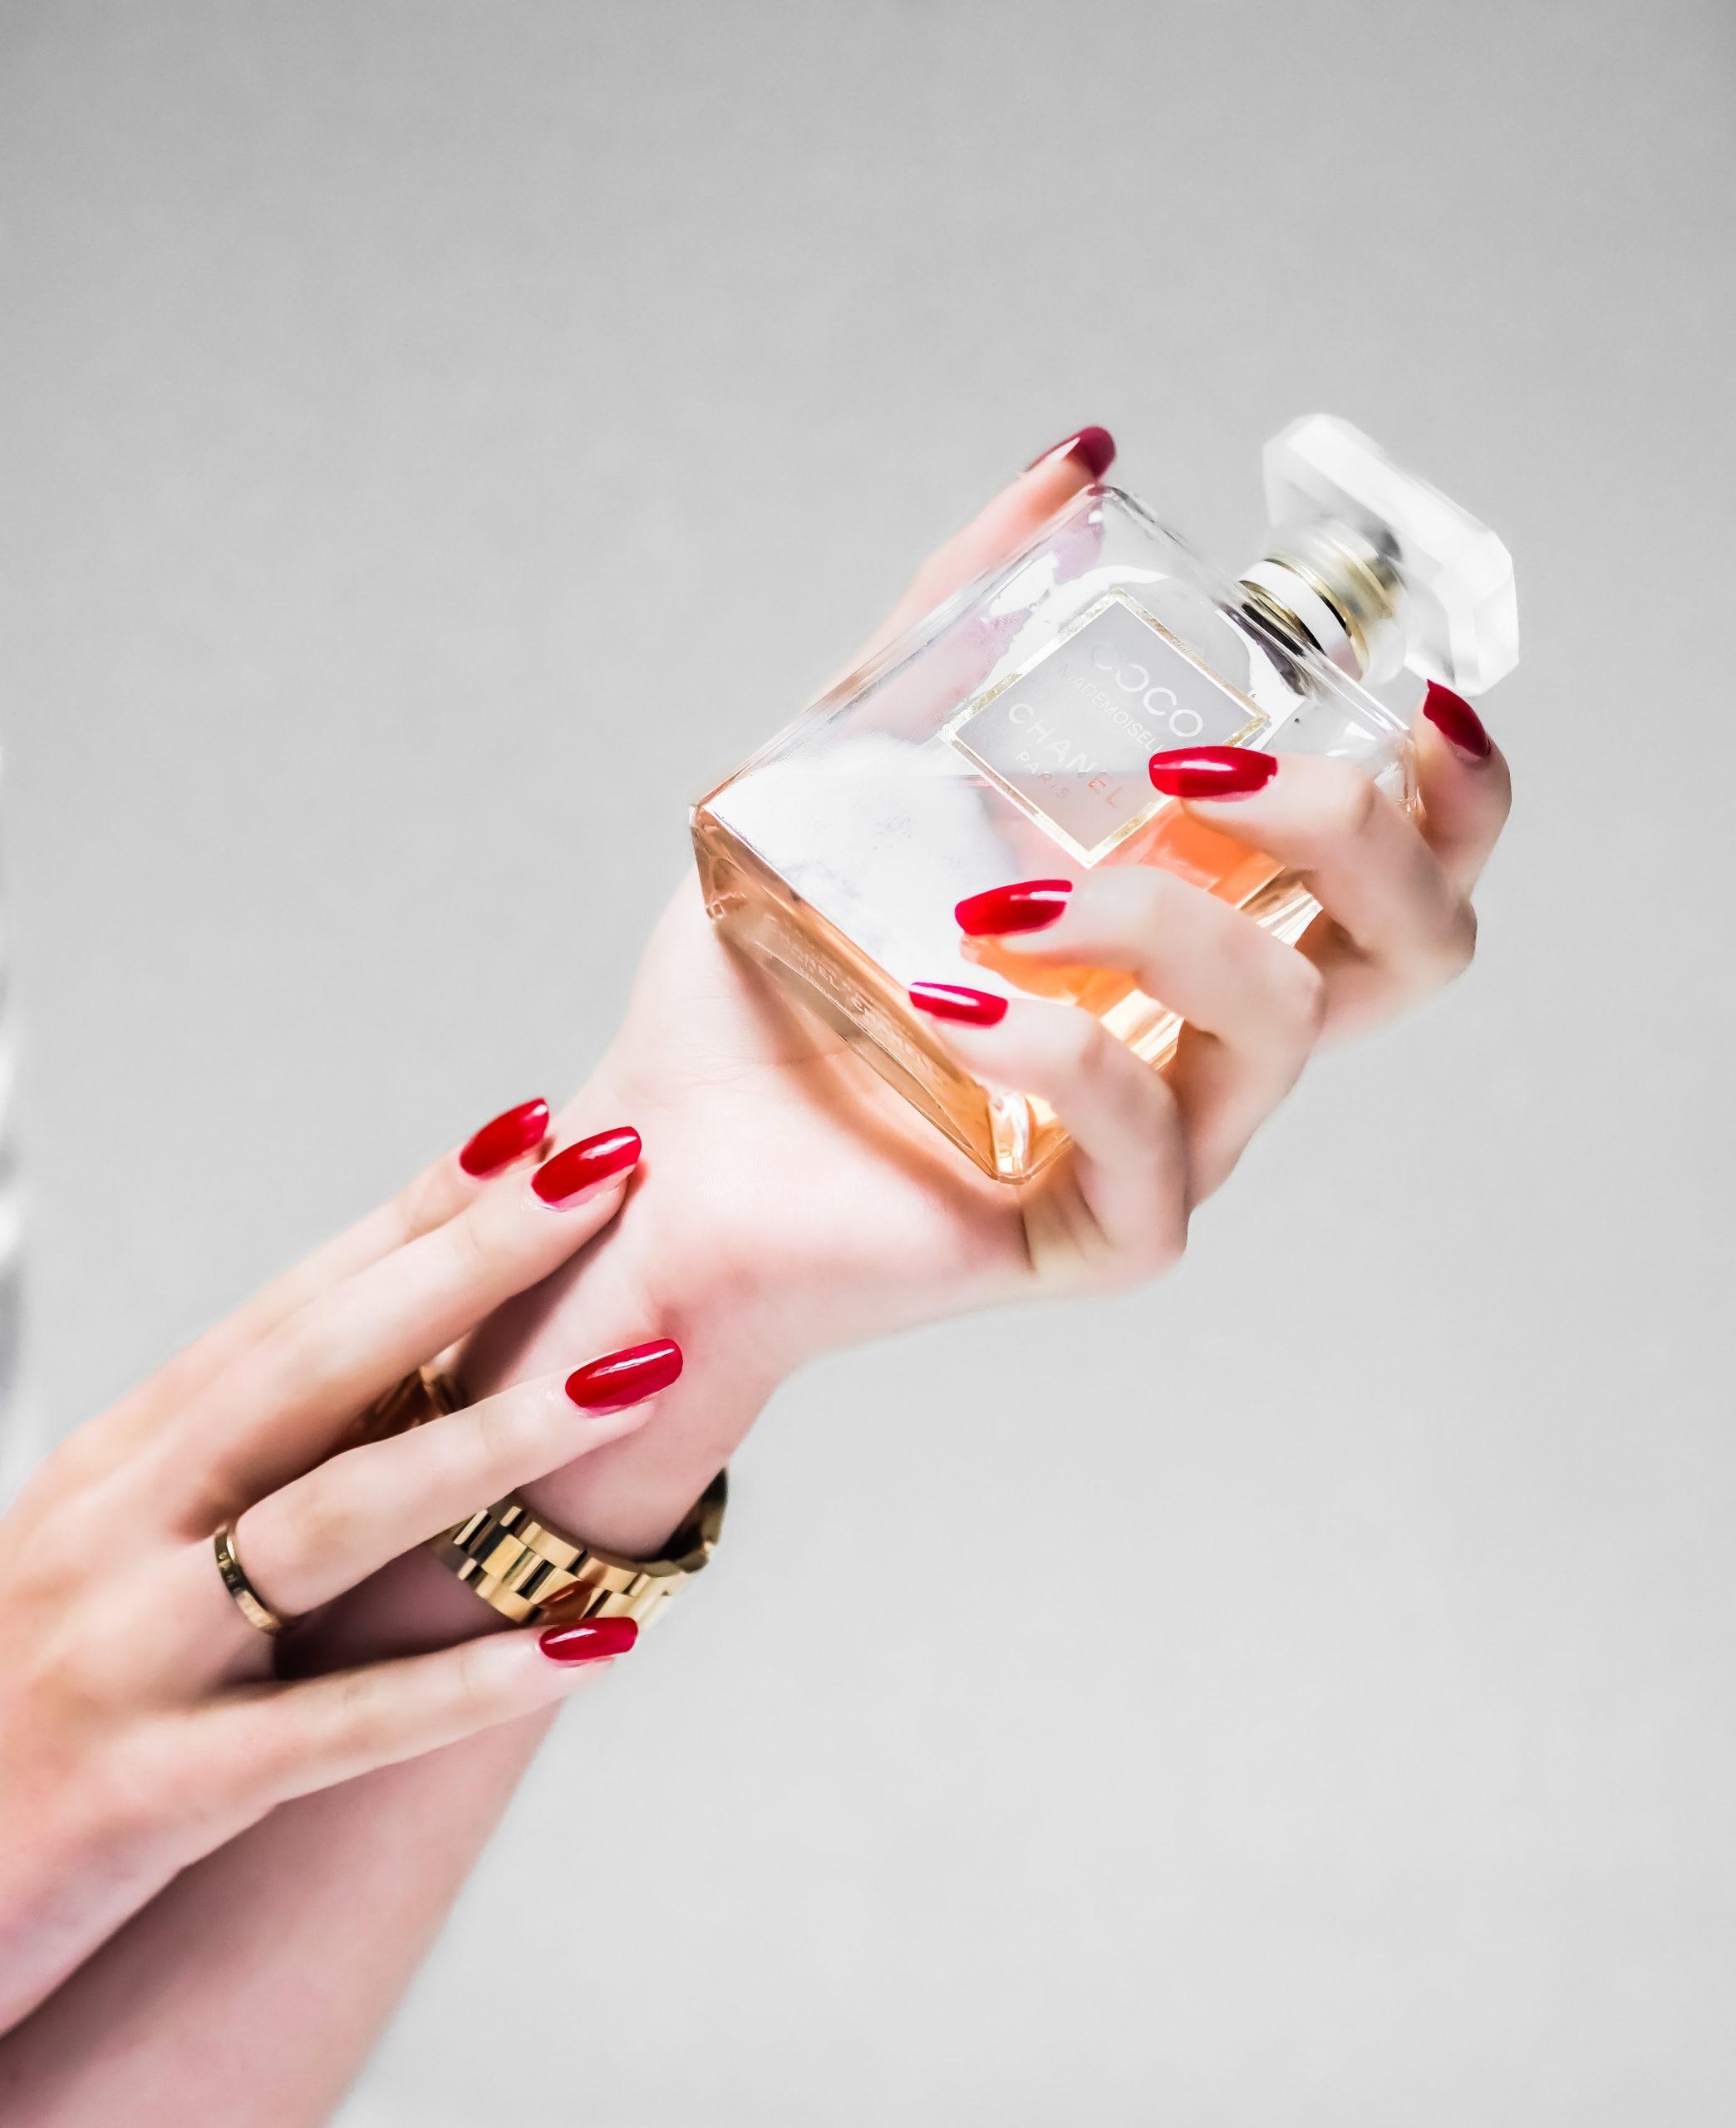 Najlepsze perfumy - ranking